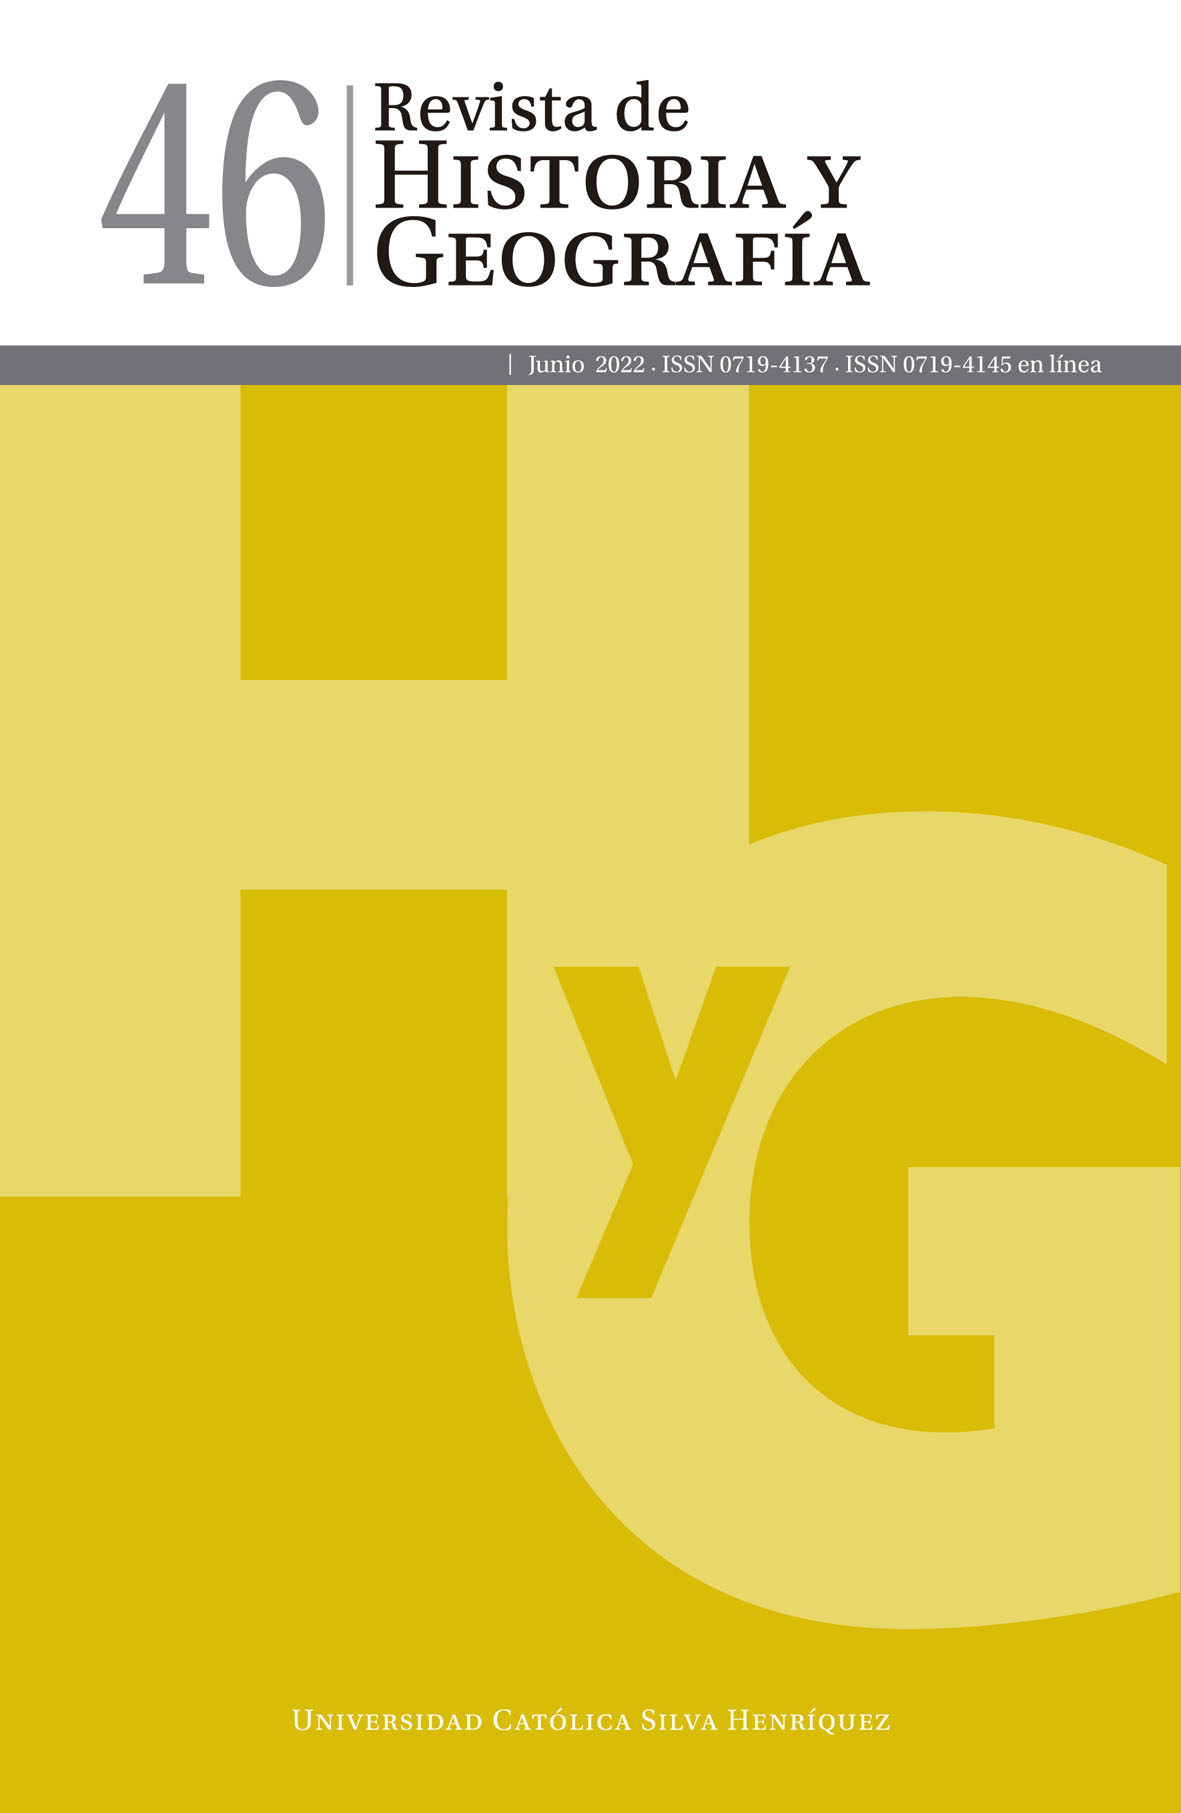 Revista de Historia y Geografía